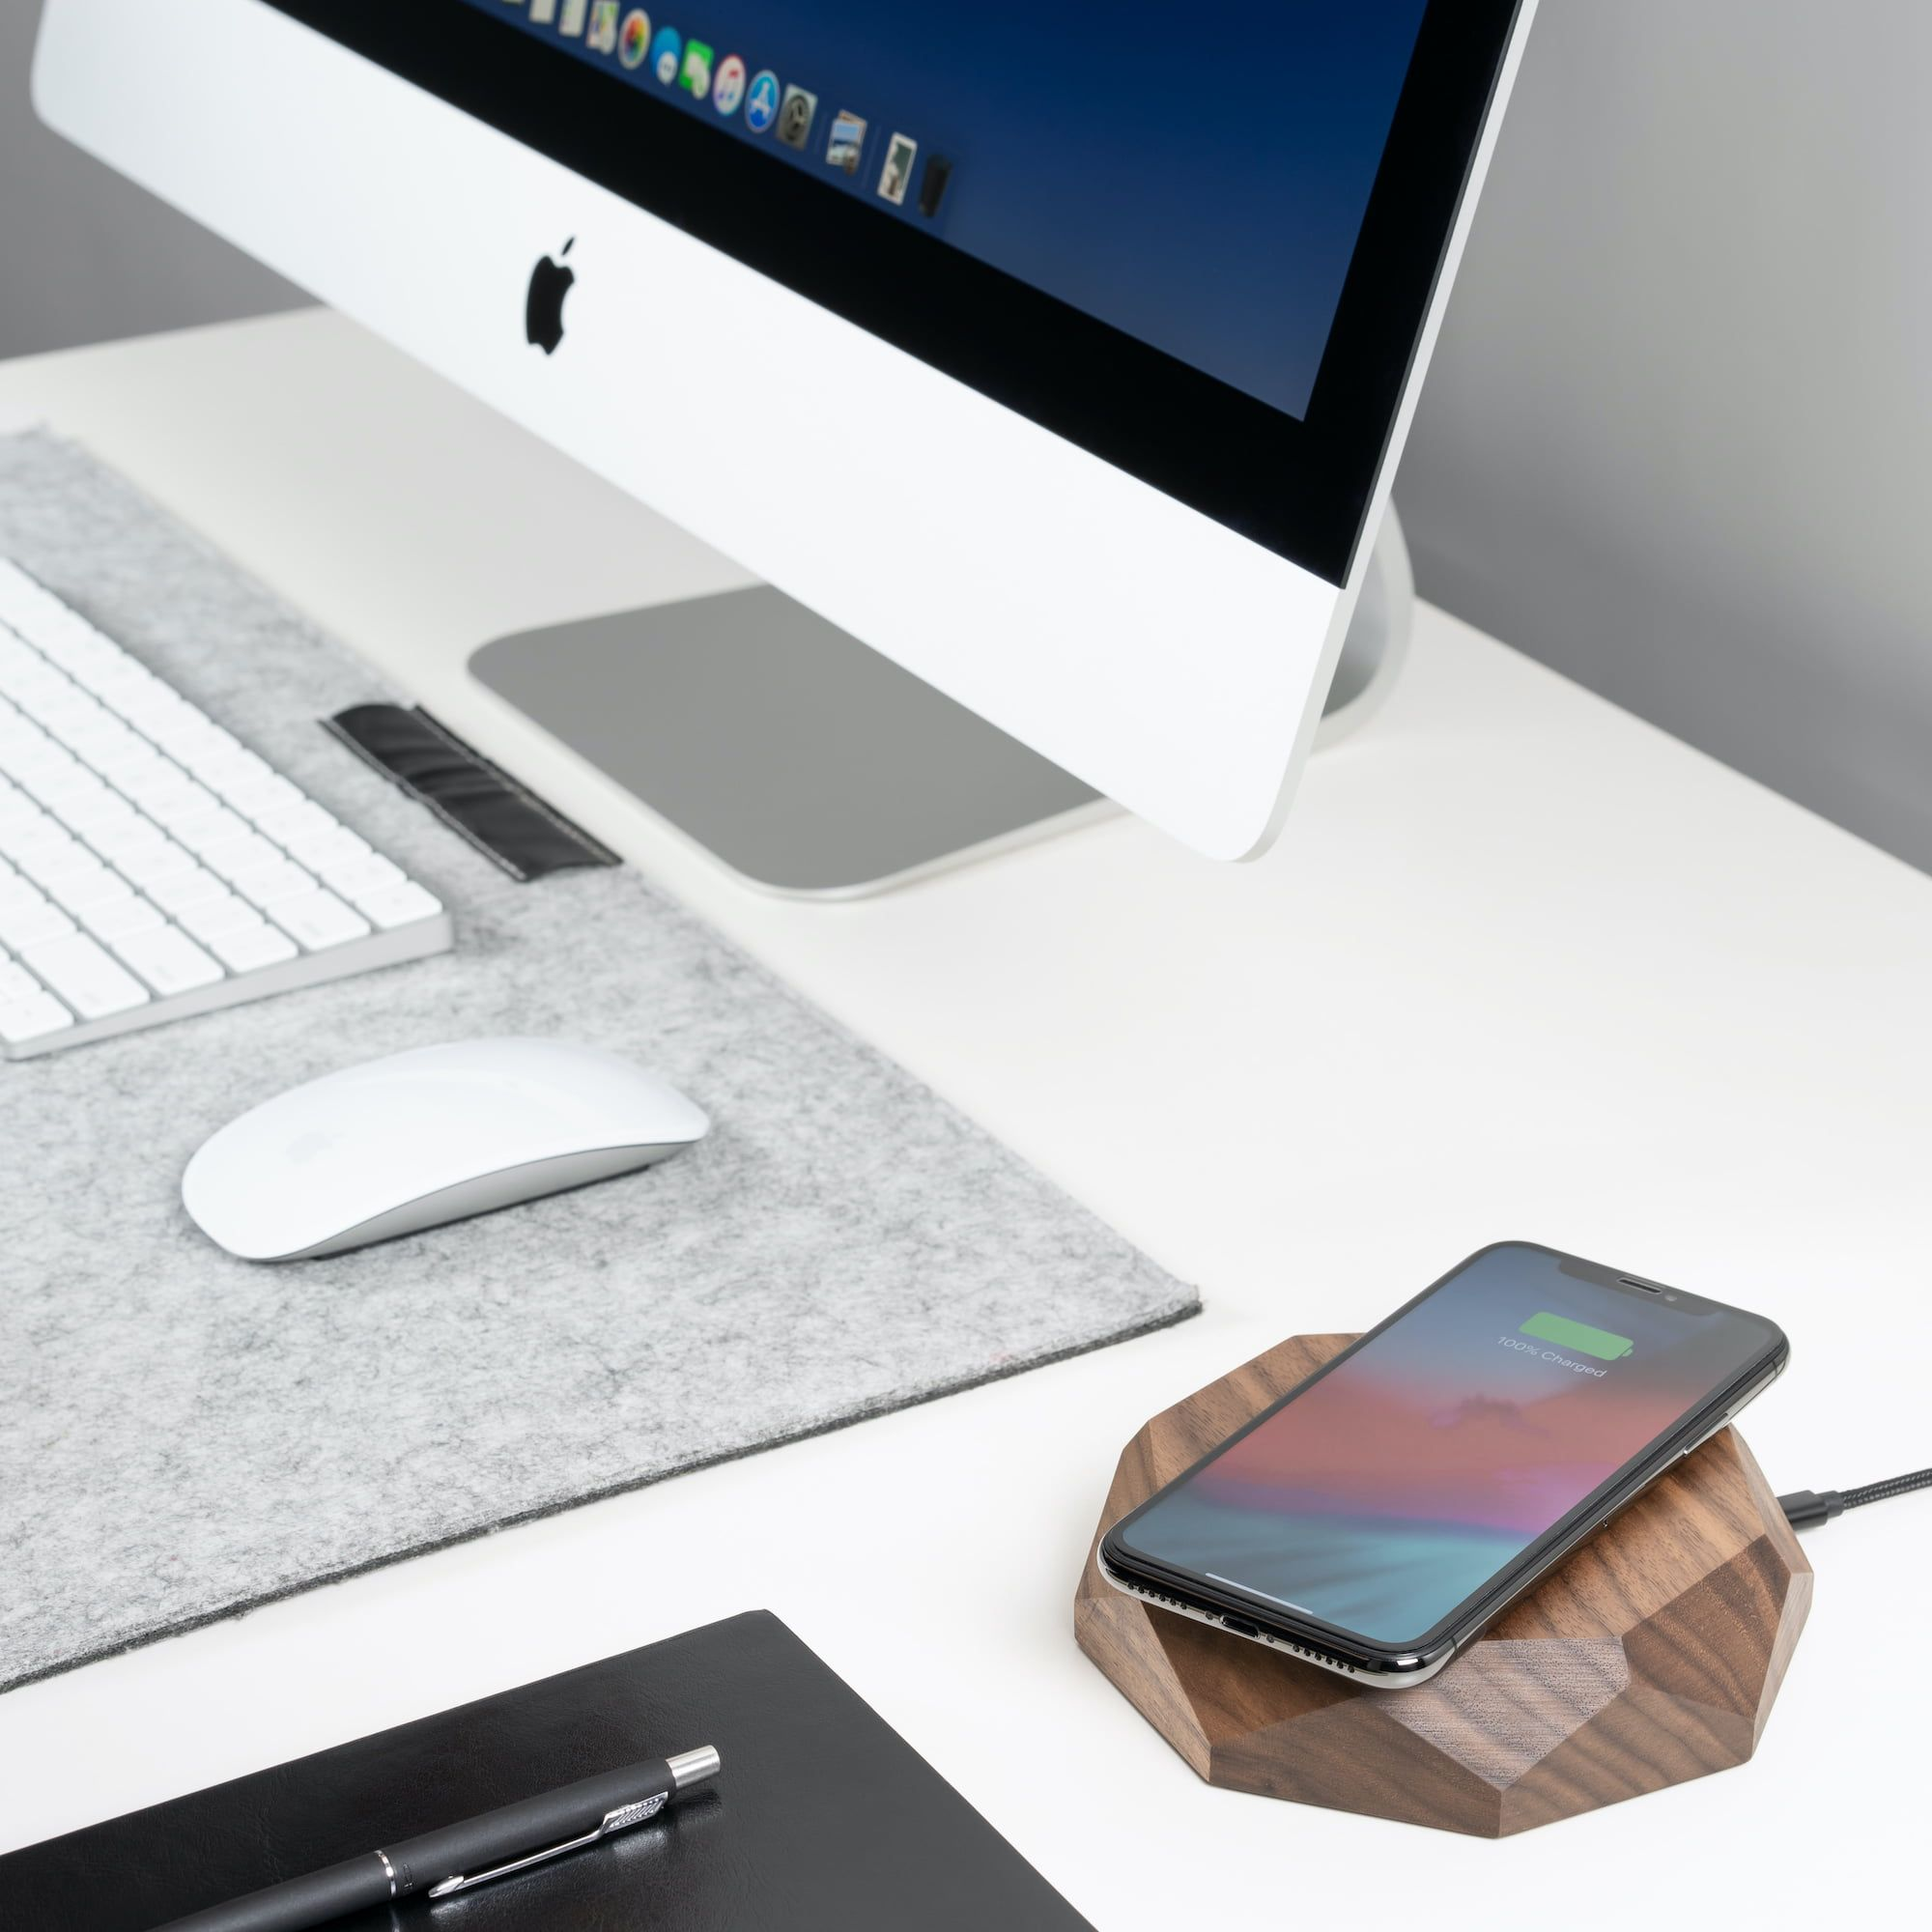 Ładowarka bezprzewodowa do iPhone'a: dlaczego warto ją mieć?